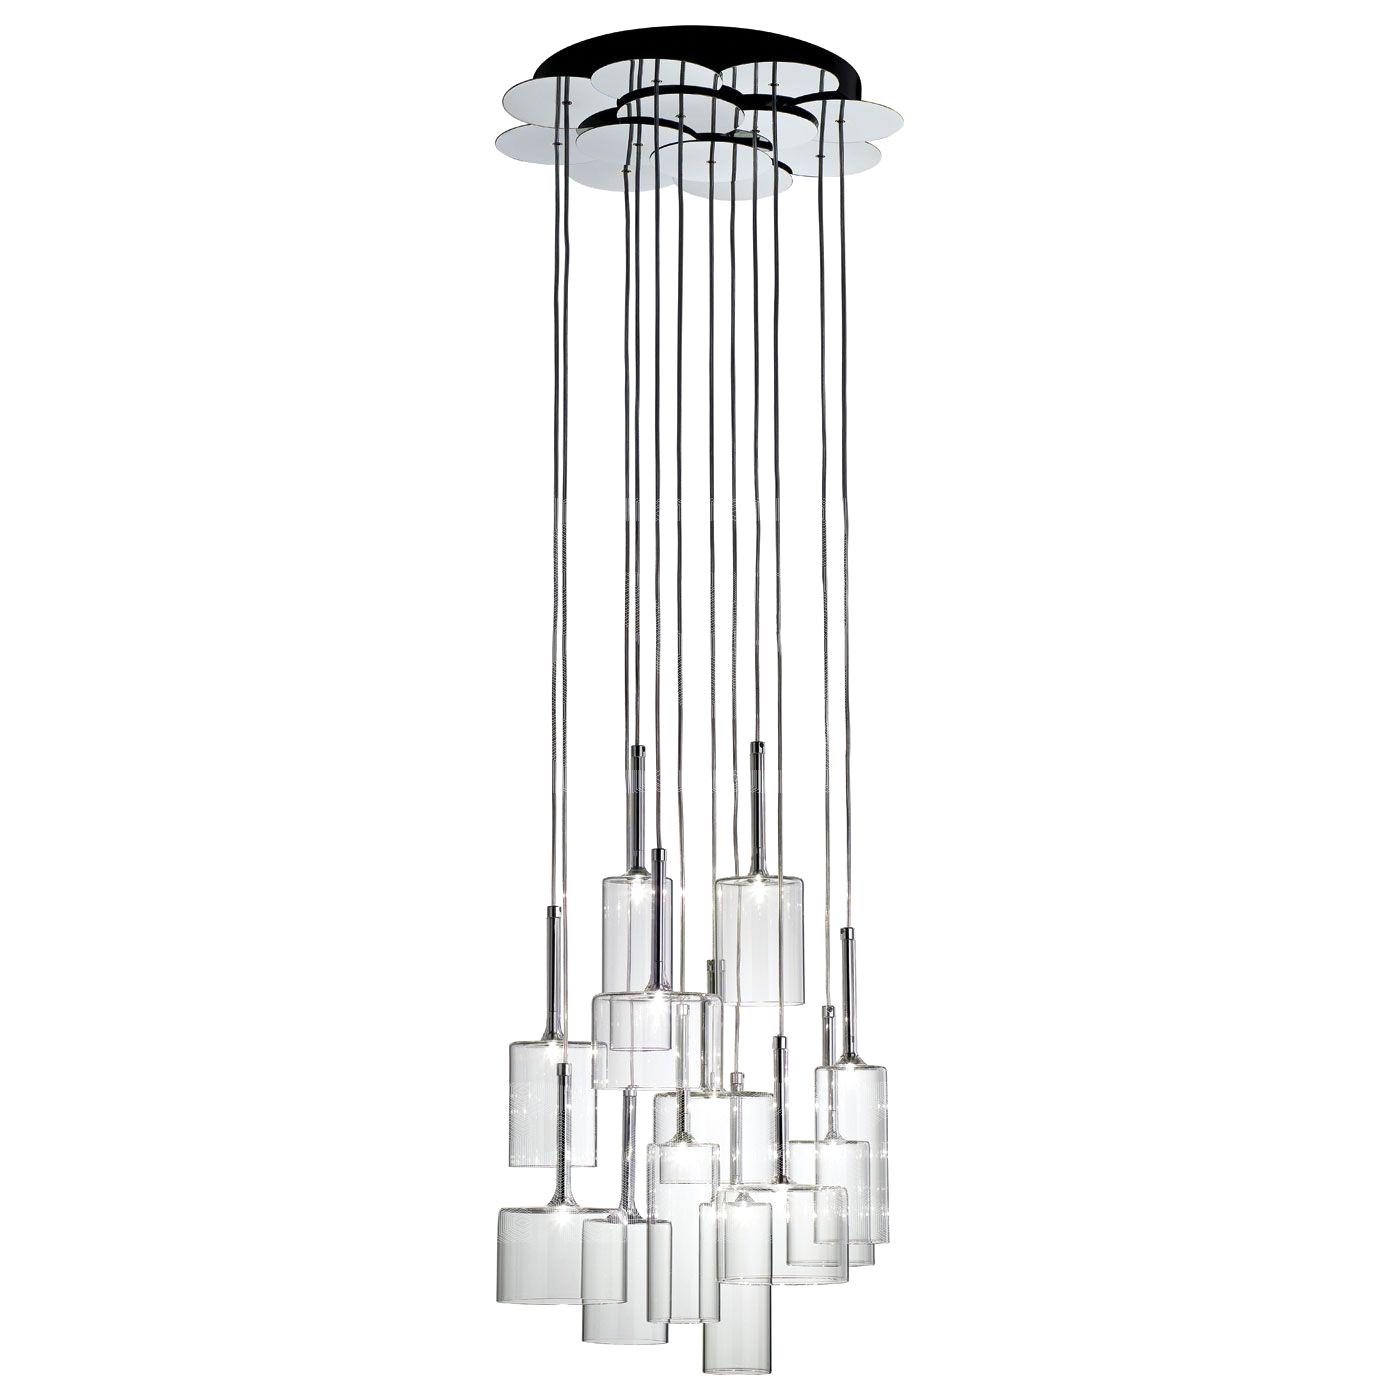 Подвесной светильник копия SP SPILL 12 / Spillray by AXO LIGHT  (прозрачный)